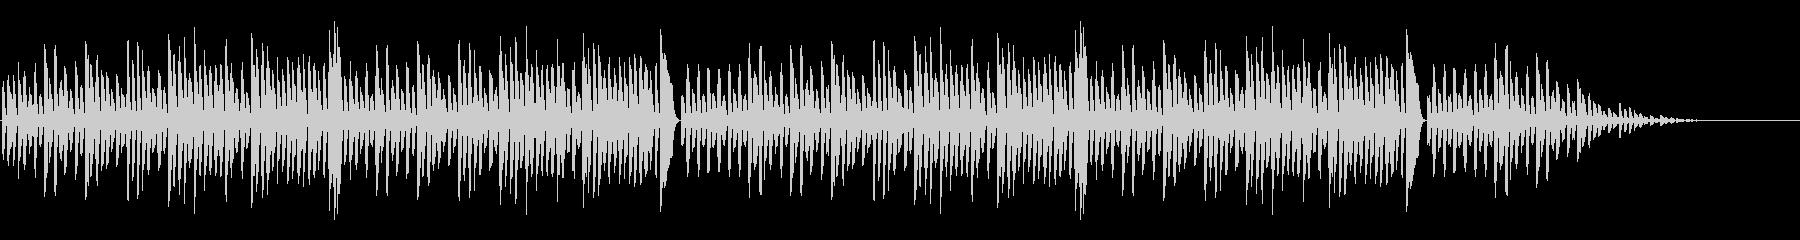 「森のくまさん」シンプルなピアノソロの未再生の波形